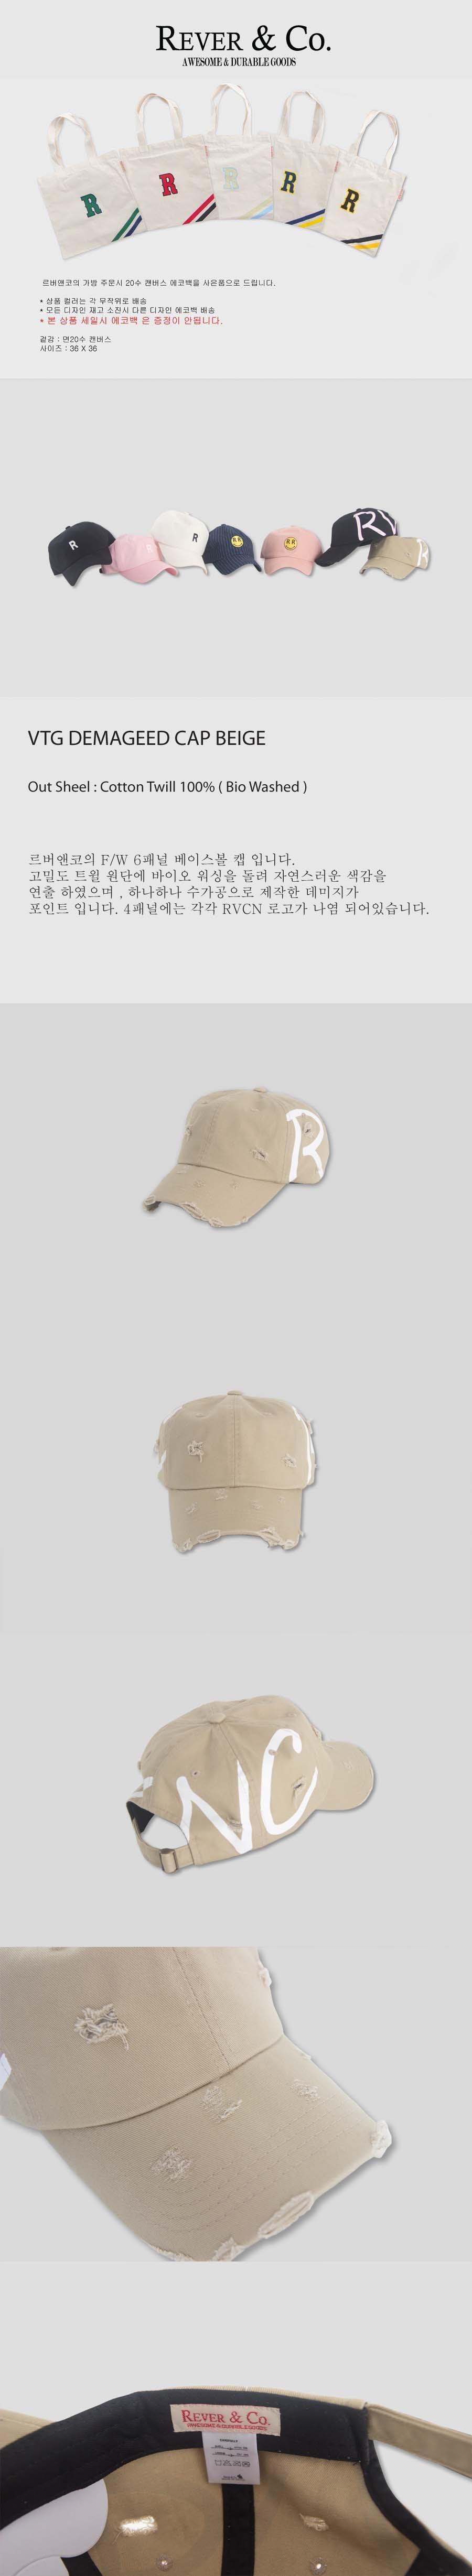 르버앤코(REVER&CO) VTG DEMAGEED CAP BEIGE